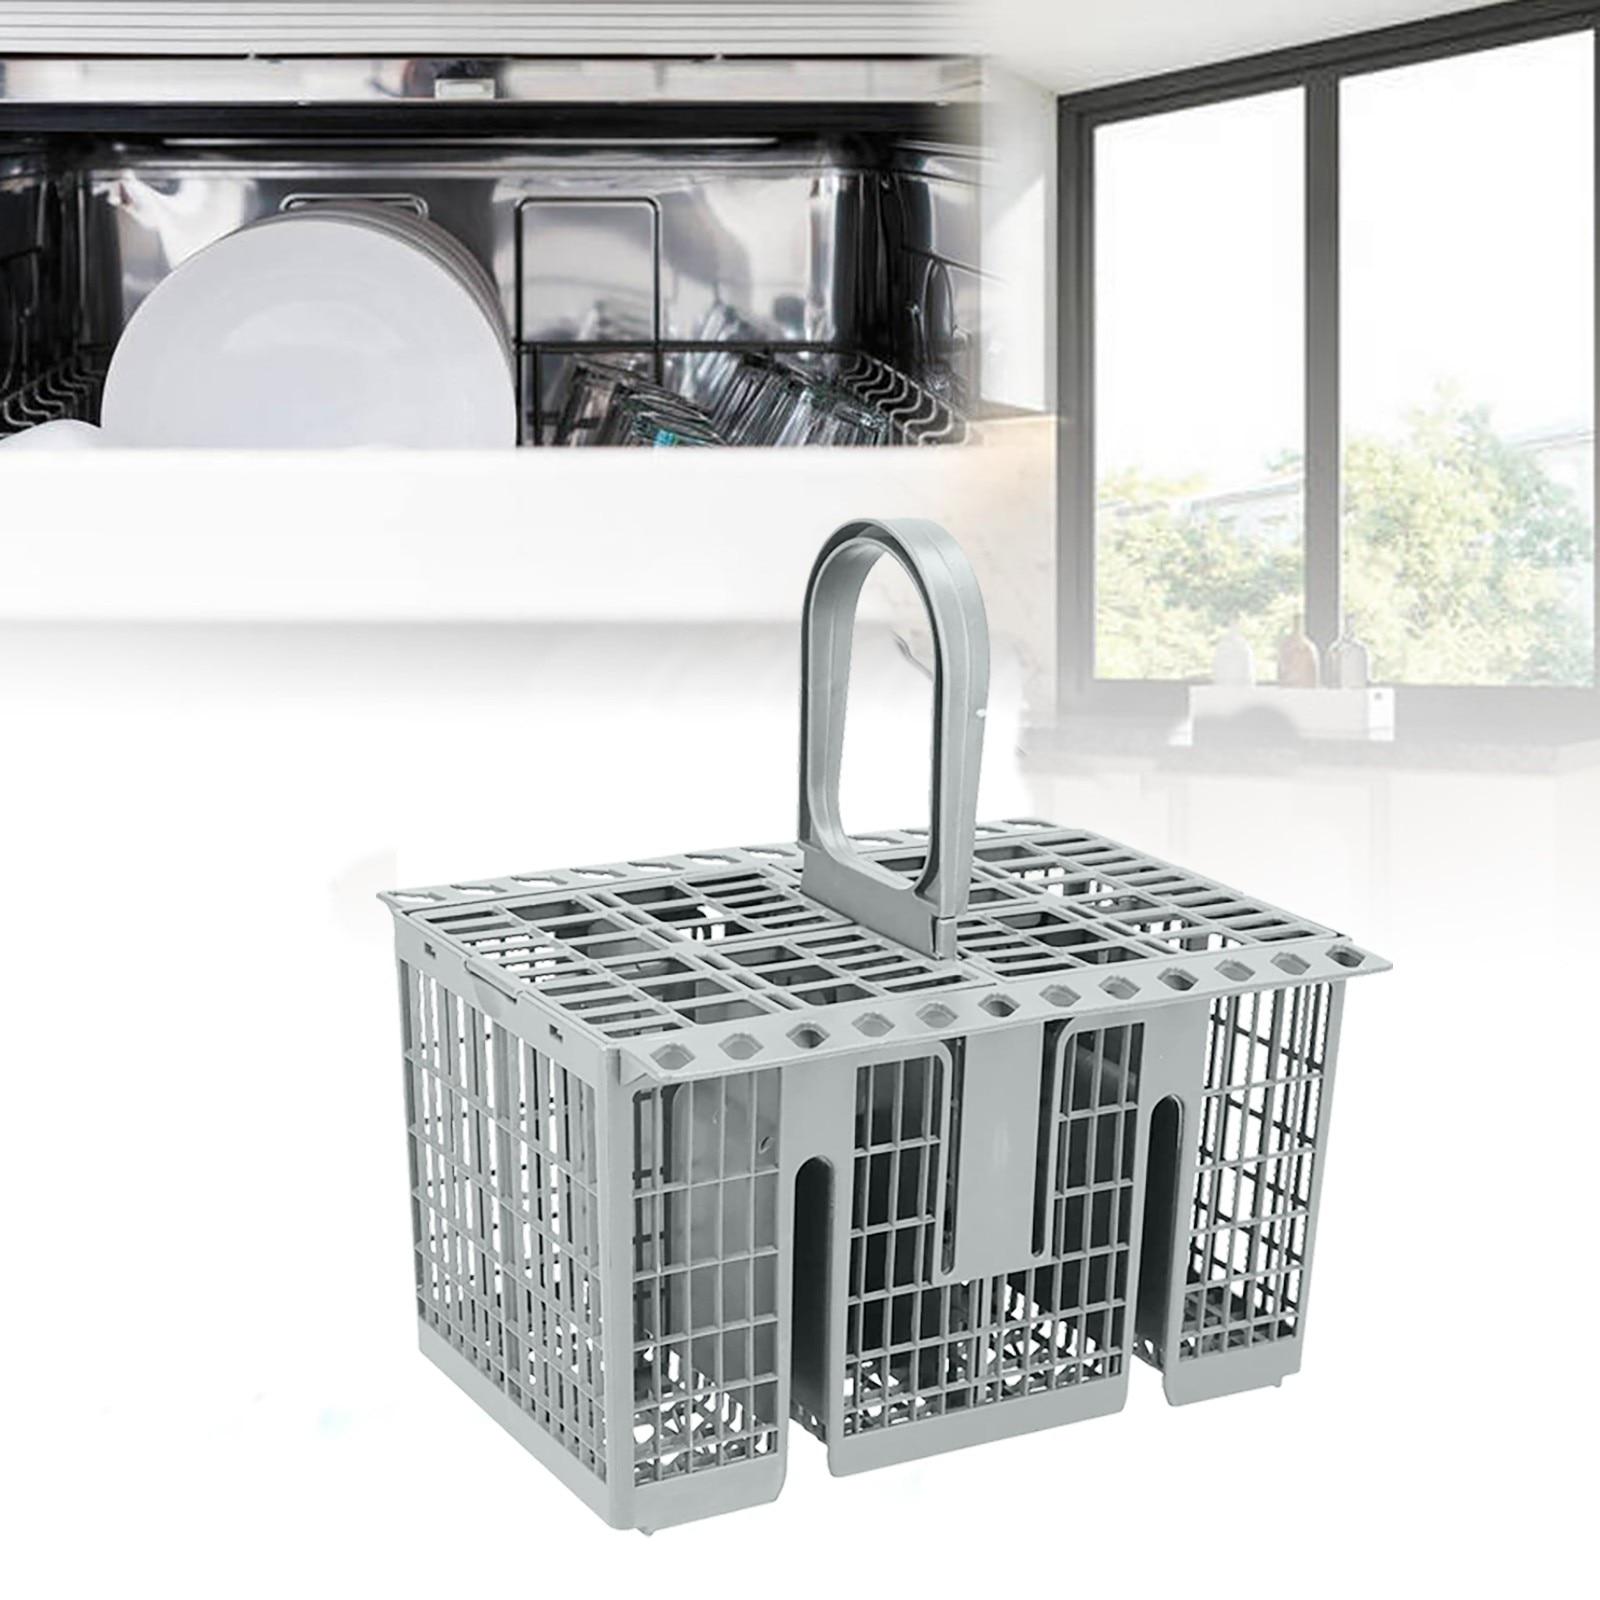 Cesta de cubiertos ecológica para lavavajillas, caja de almacenamiento para vajilla, tenedor,...